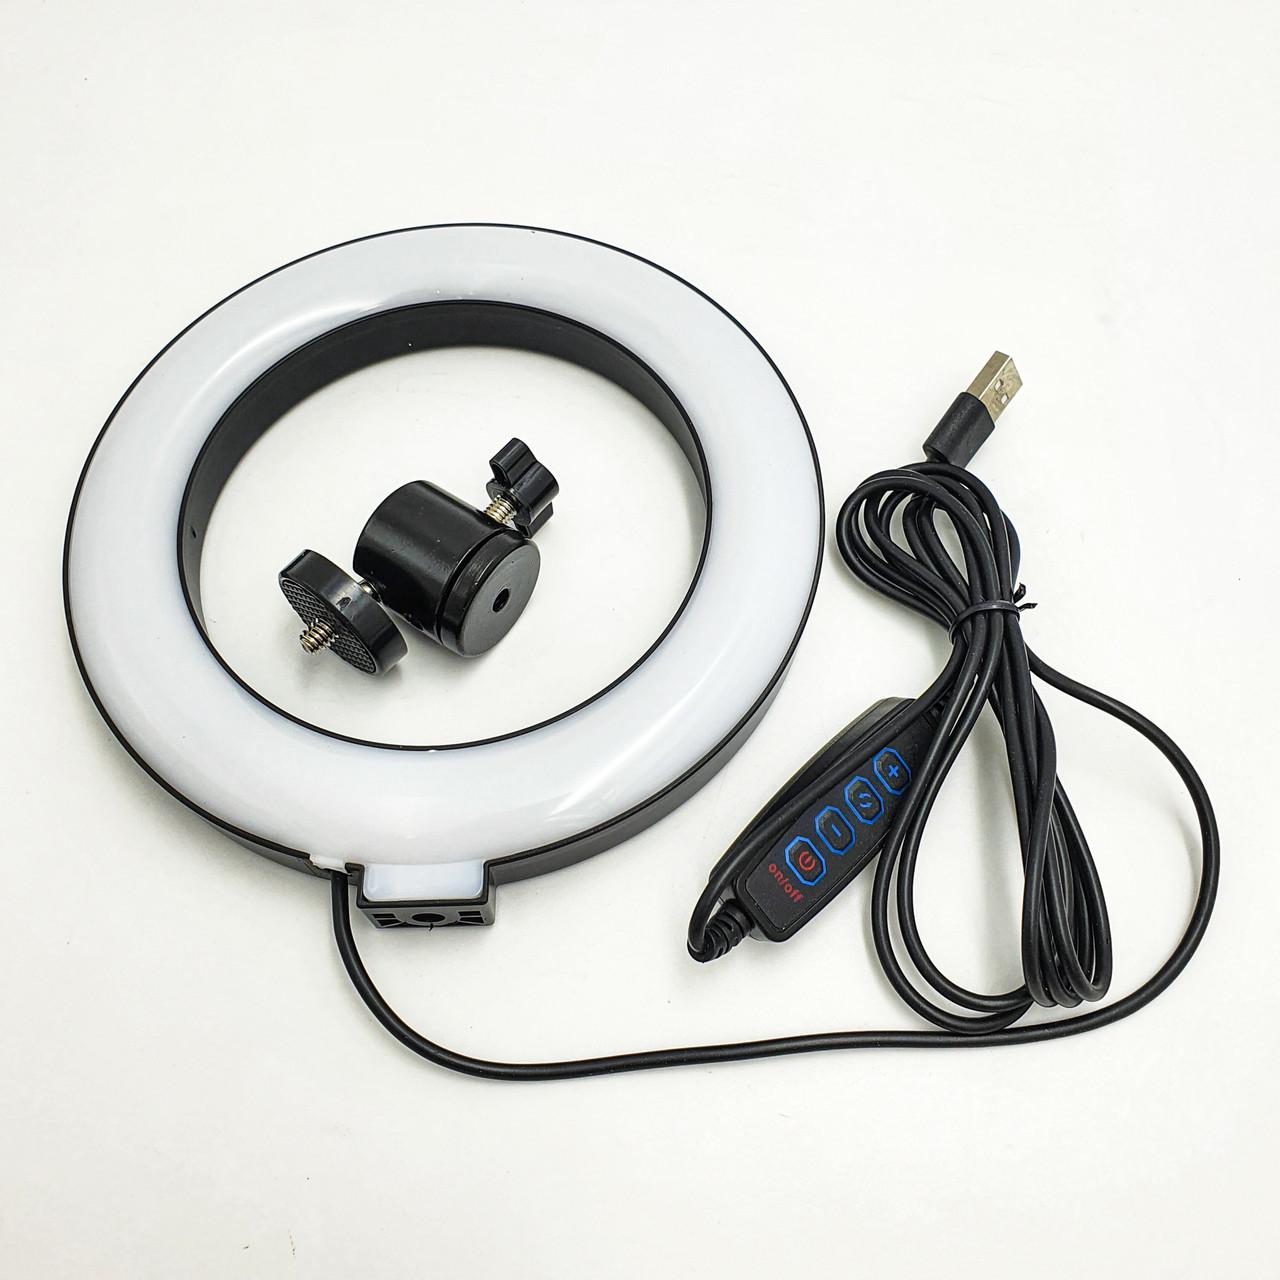 Кольцевая LED лампа 16см 10W регулировка яркости и температуры свечения селфи кольцо подсветка блогера фотографа визажиста Elite LUX EL-1140